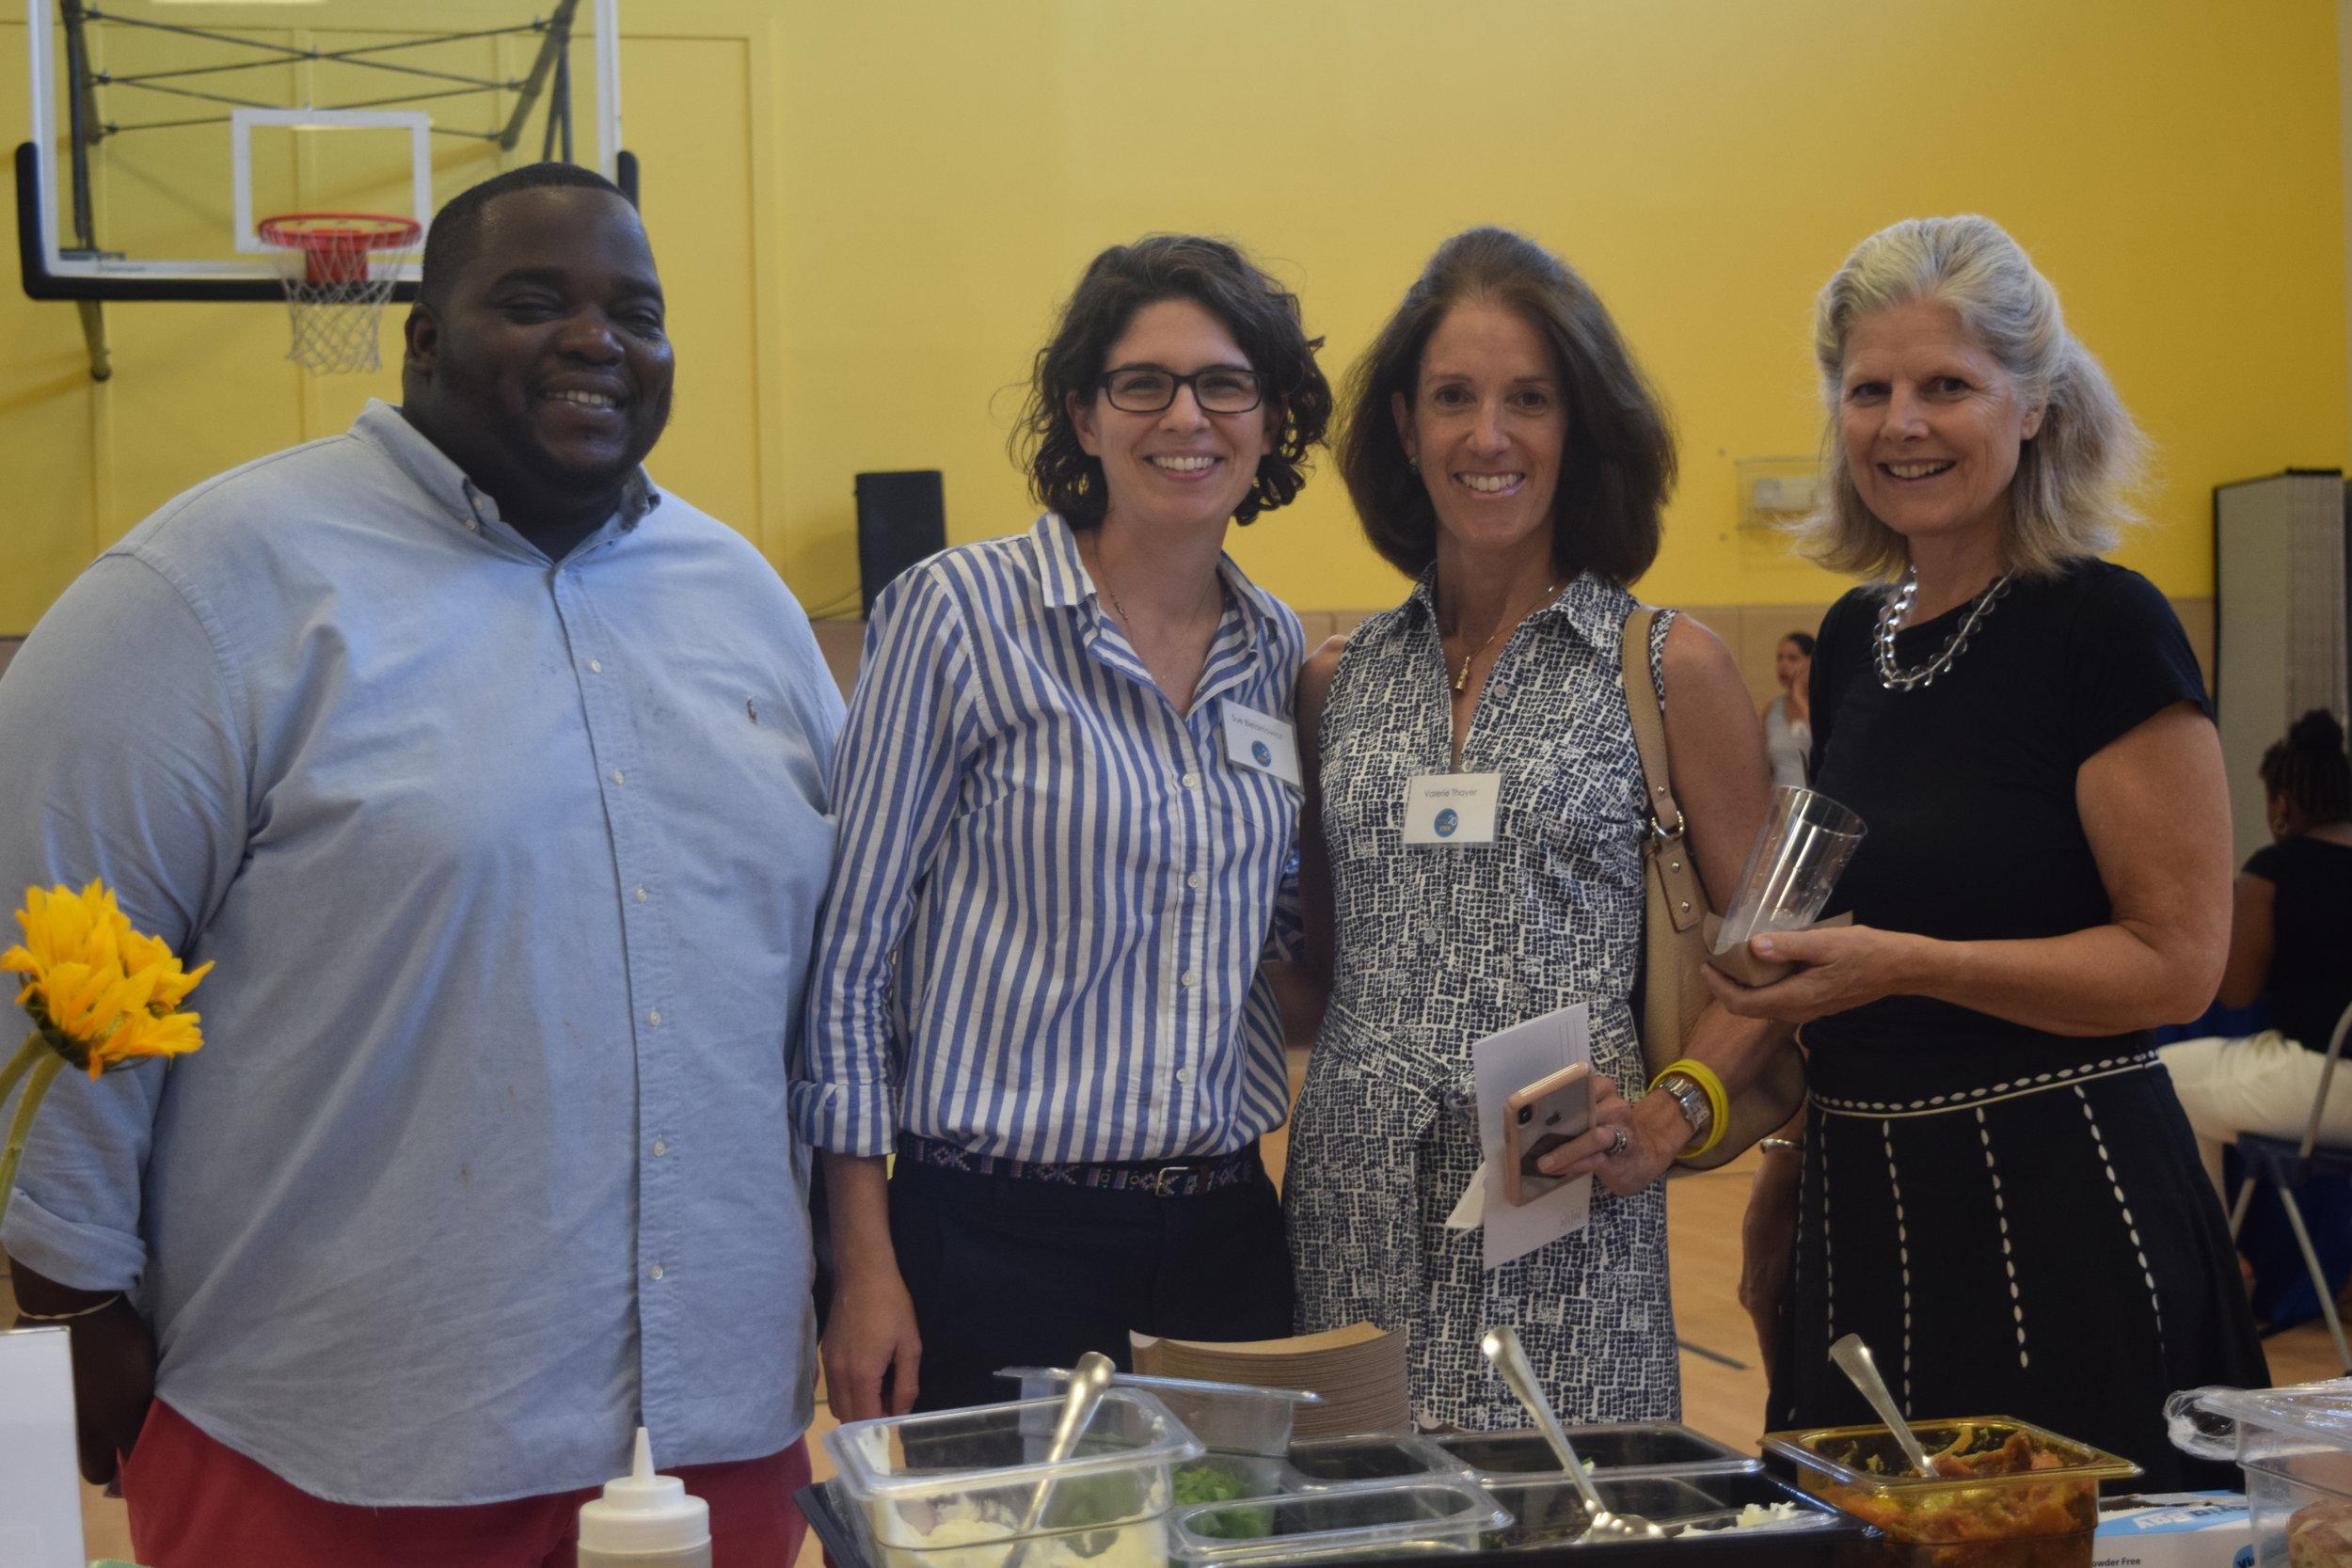 Chef Tey, Chef Sue, Valerie Thayer, Jane Nelson